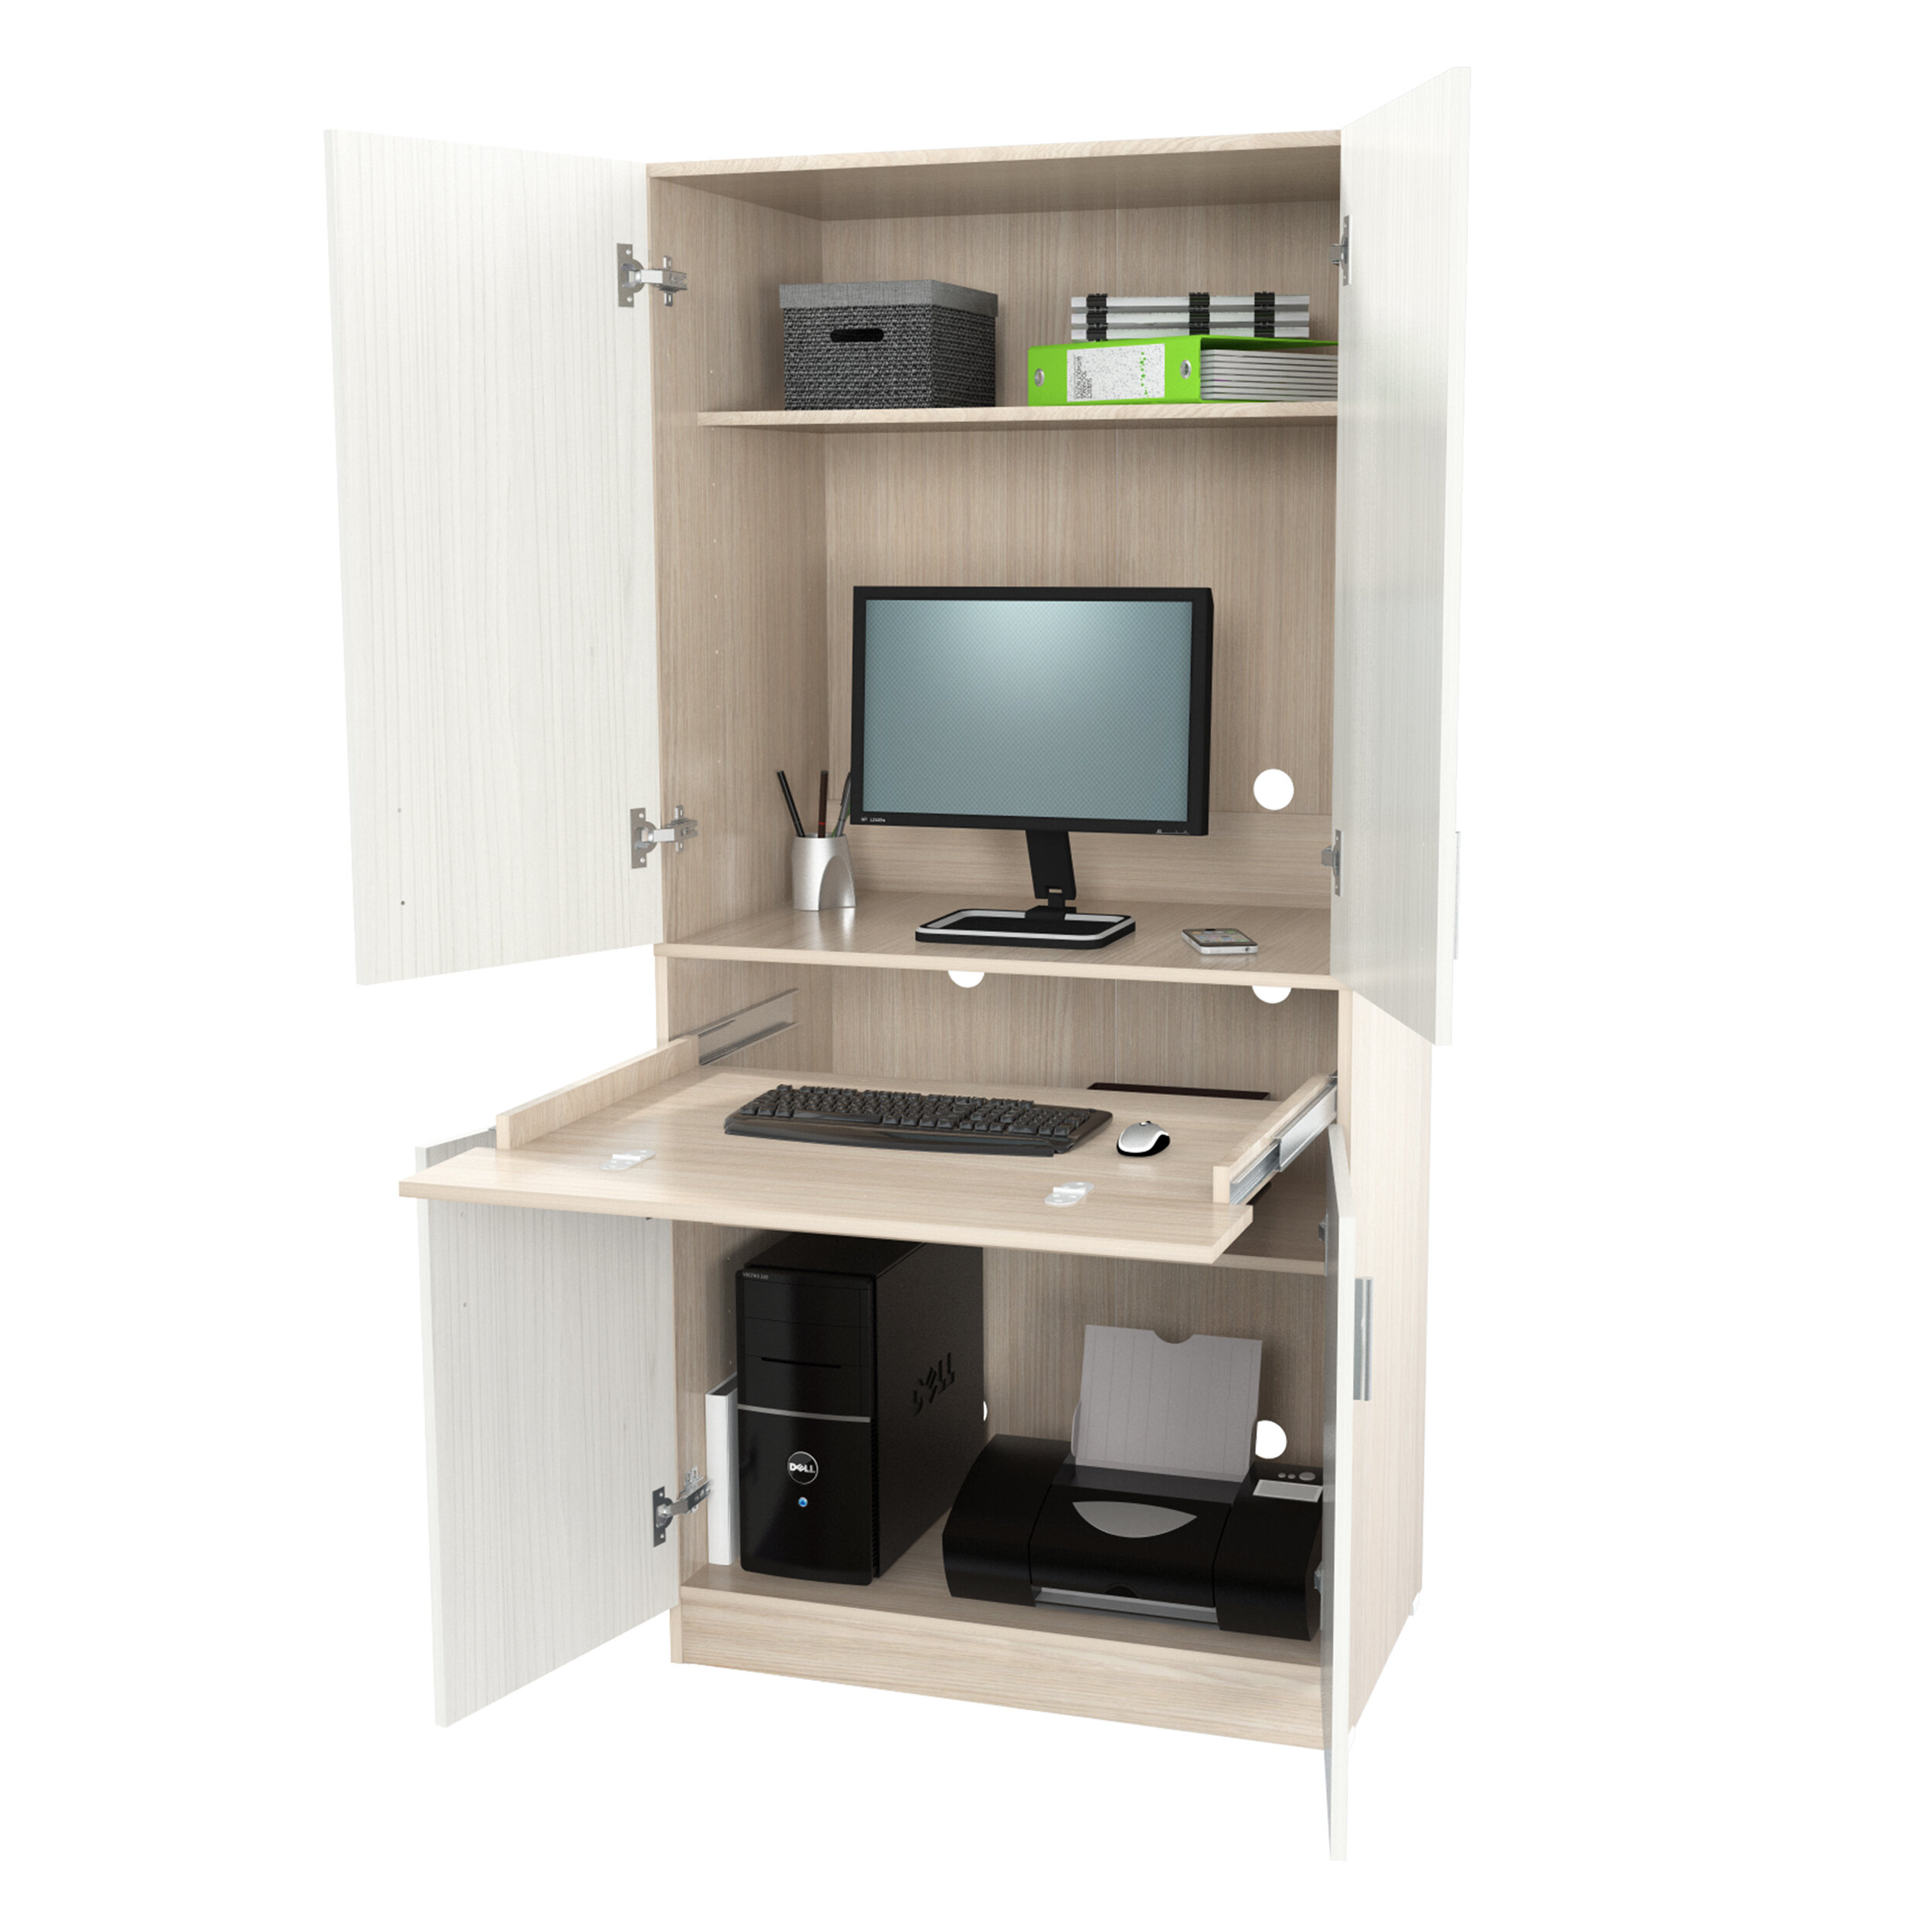 Laude Run Bluxome Armoire Desk